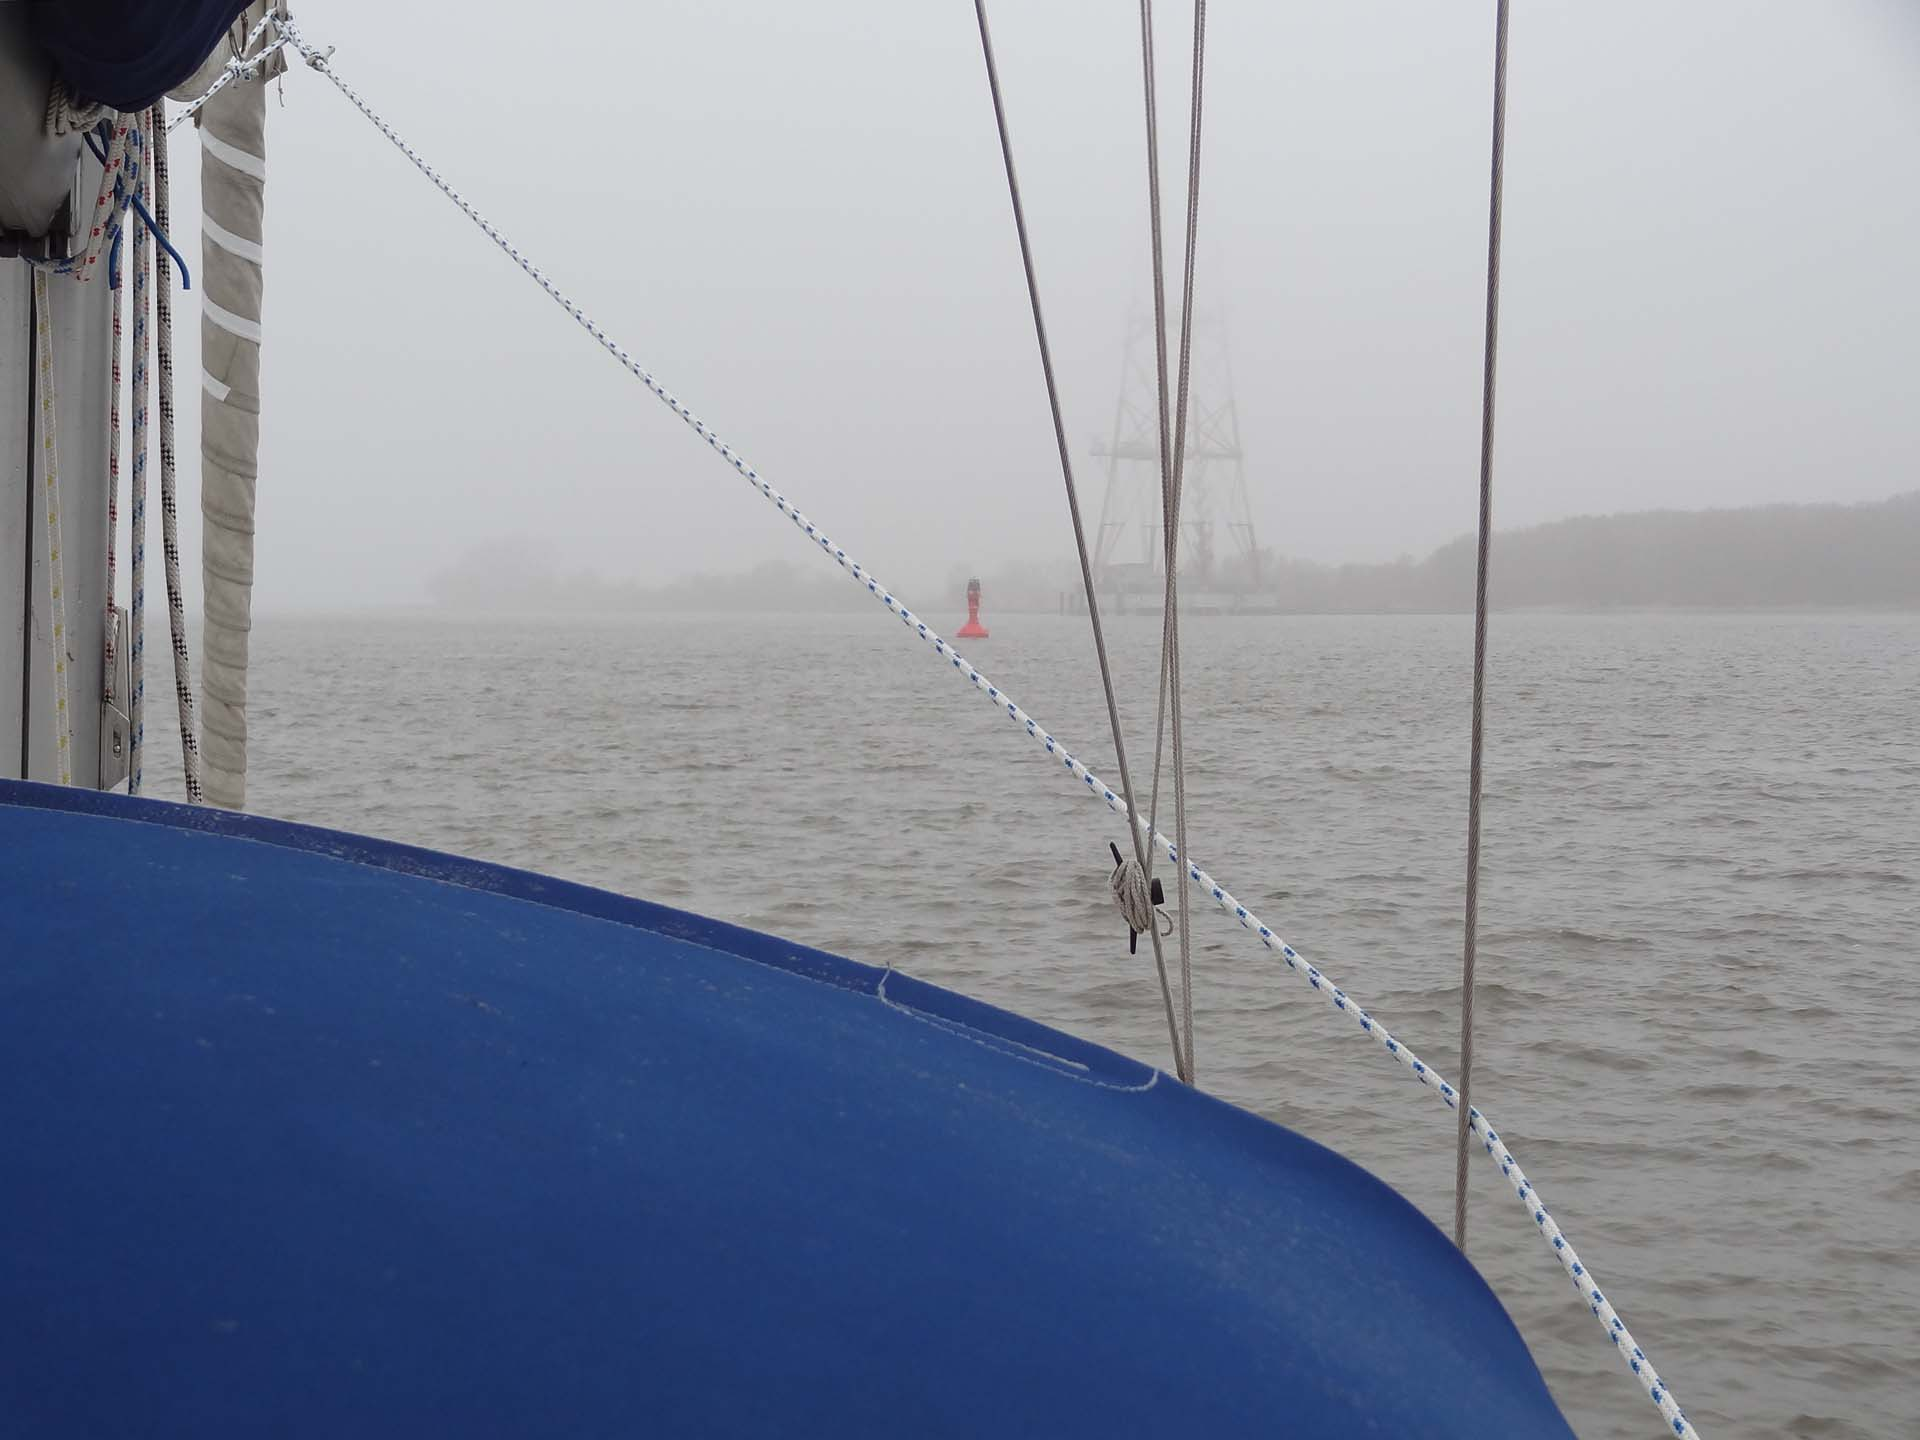 Oben Nebel - unten Wasser